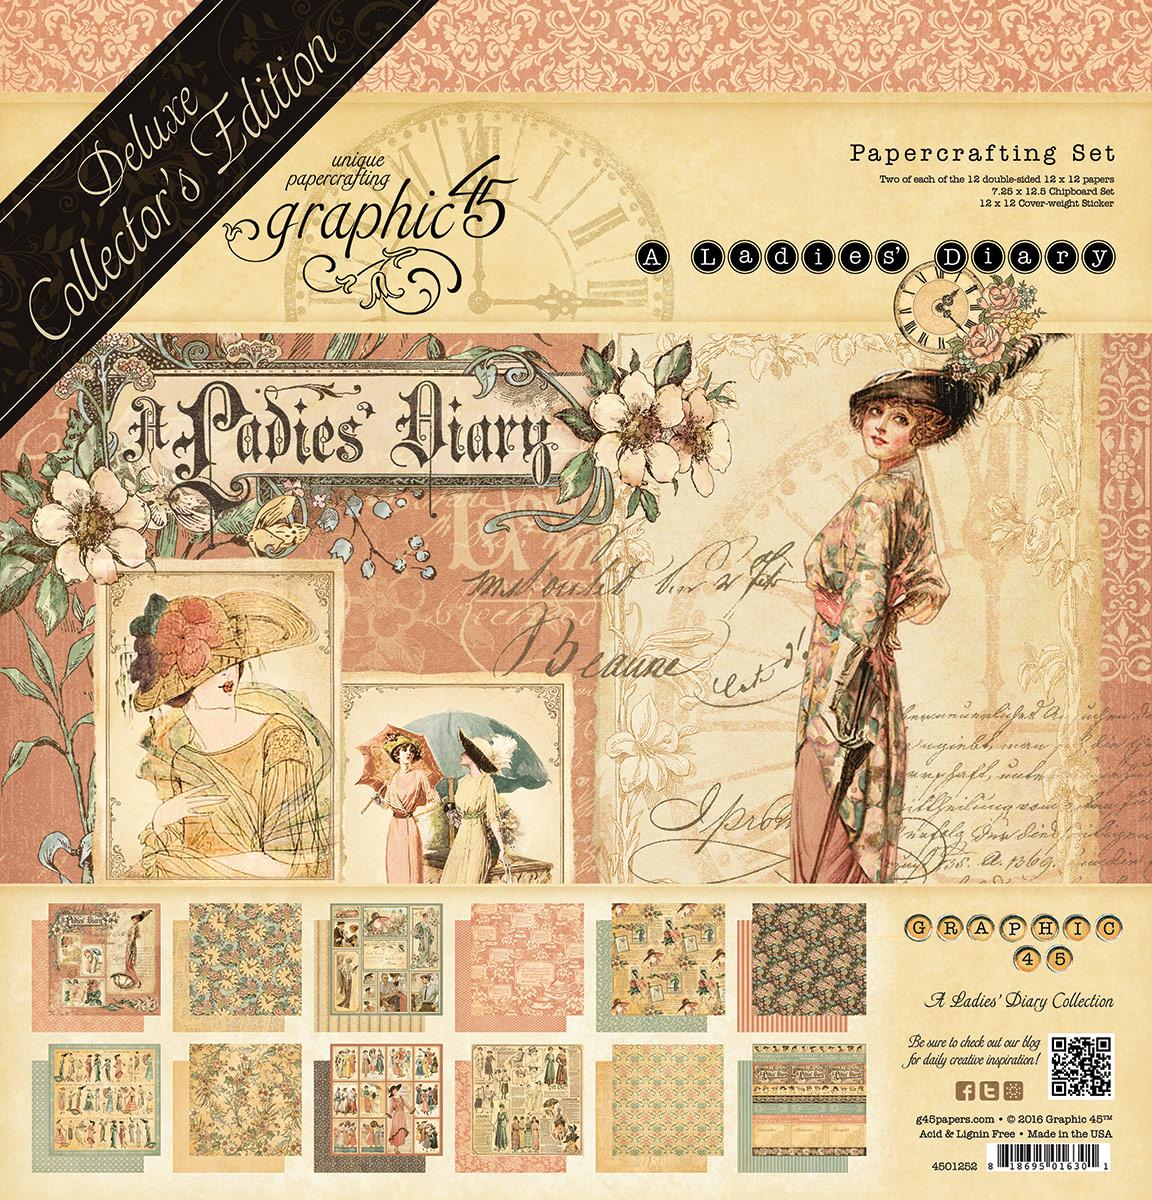 a-ladies'-diary-CC-cover-PR.jpg